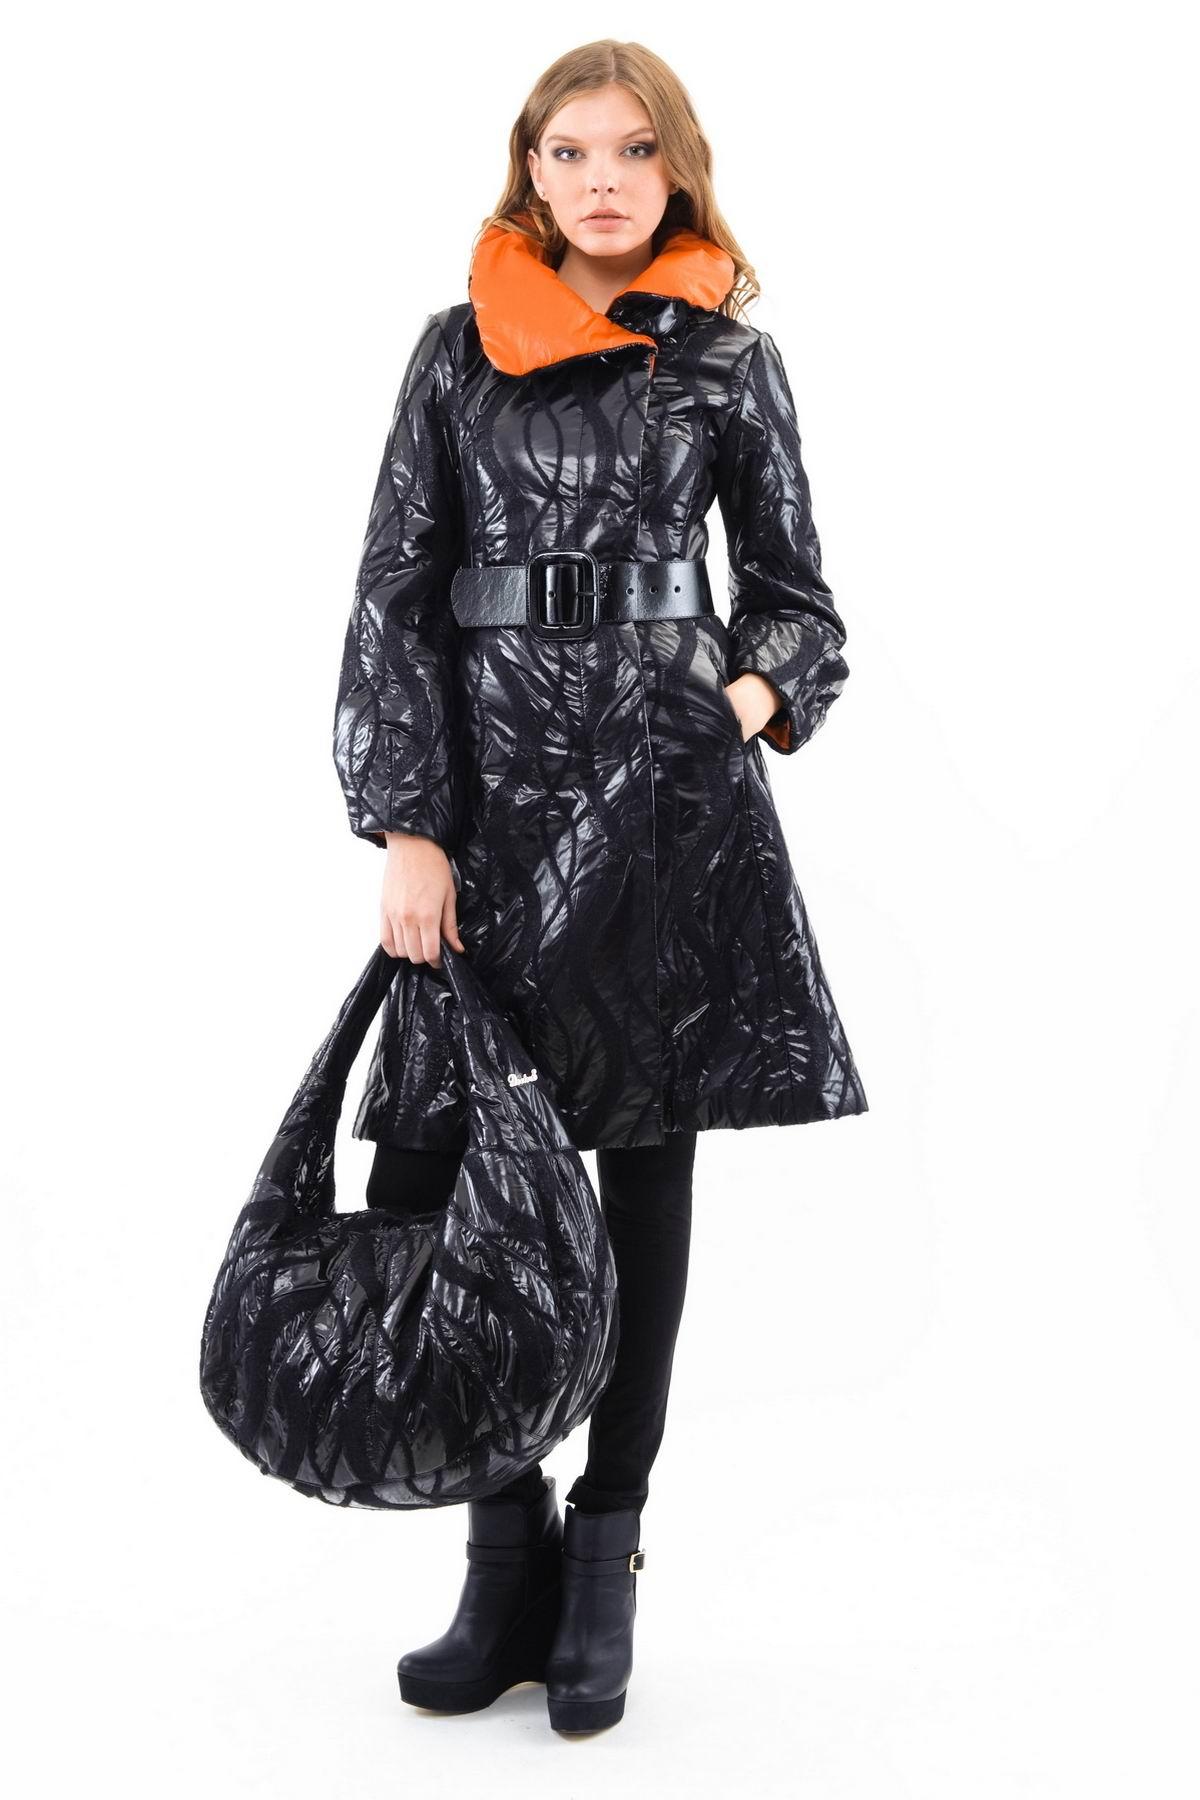 ПальтоЖенские куртки, плащи, пальто<br>Воплотить элегантную мечту в жизнь просто, если иметь в своем гардеробе такое роскошное пальто приталенного силуэта за счет интересной фактуры ткани. Классическая расцветка и лаконичный дизайн лишь подчеркнут Вашу безупречность.<br><br>Цвет: черный,оранжевый<br>Состав: 54% шерсть ,21% полиамид ,  20% полиэстер, 5% полиуретан<br>Размер: 42,44,48,50,52,54<br>Страна дизайна: Россия<br>Страна производства: Россия